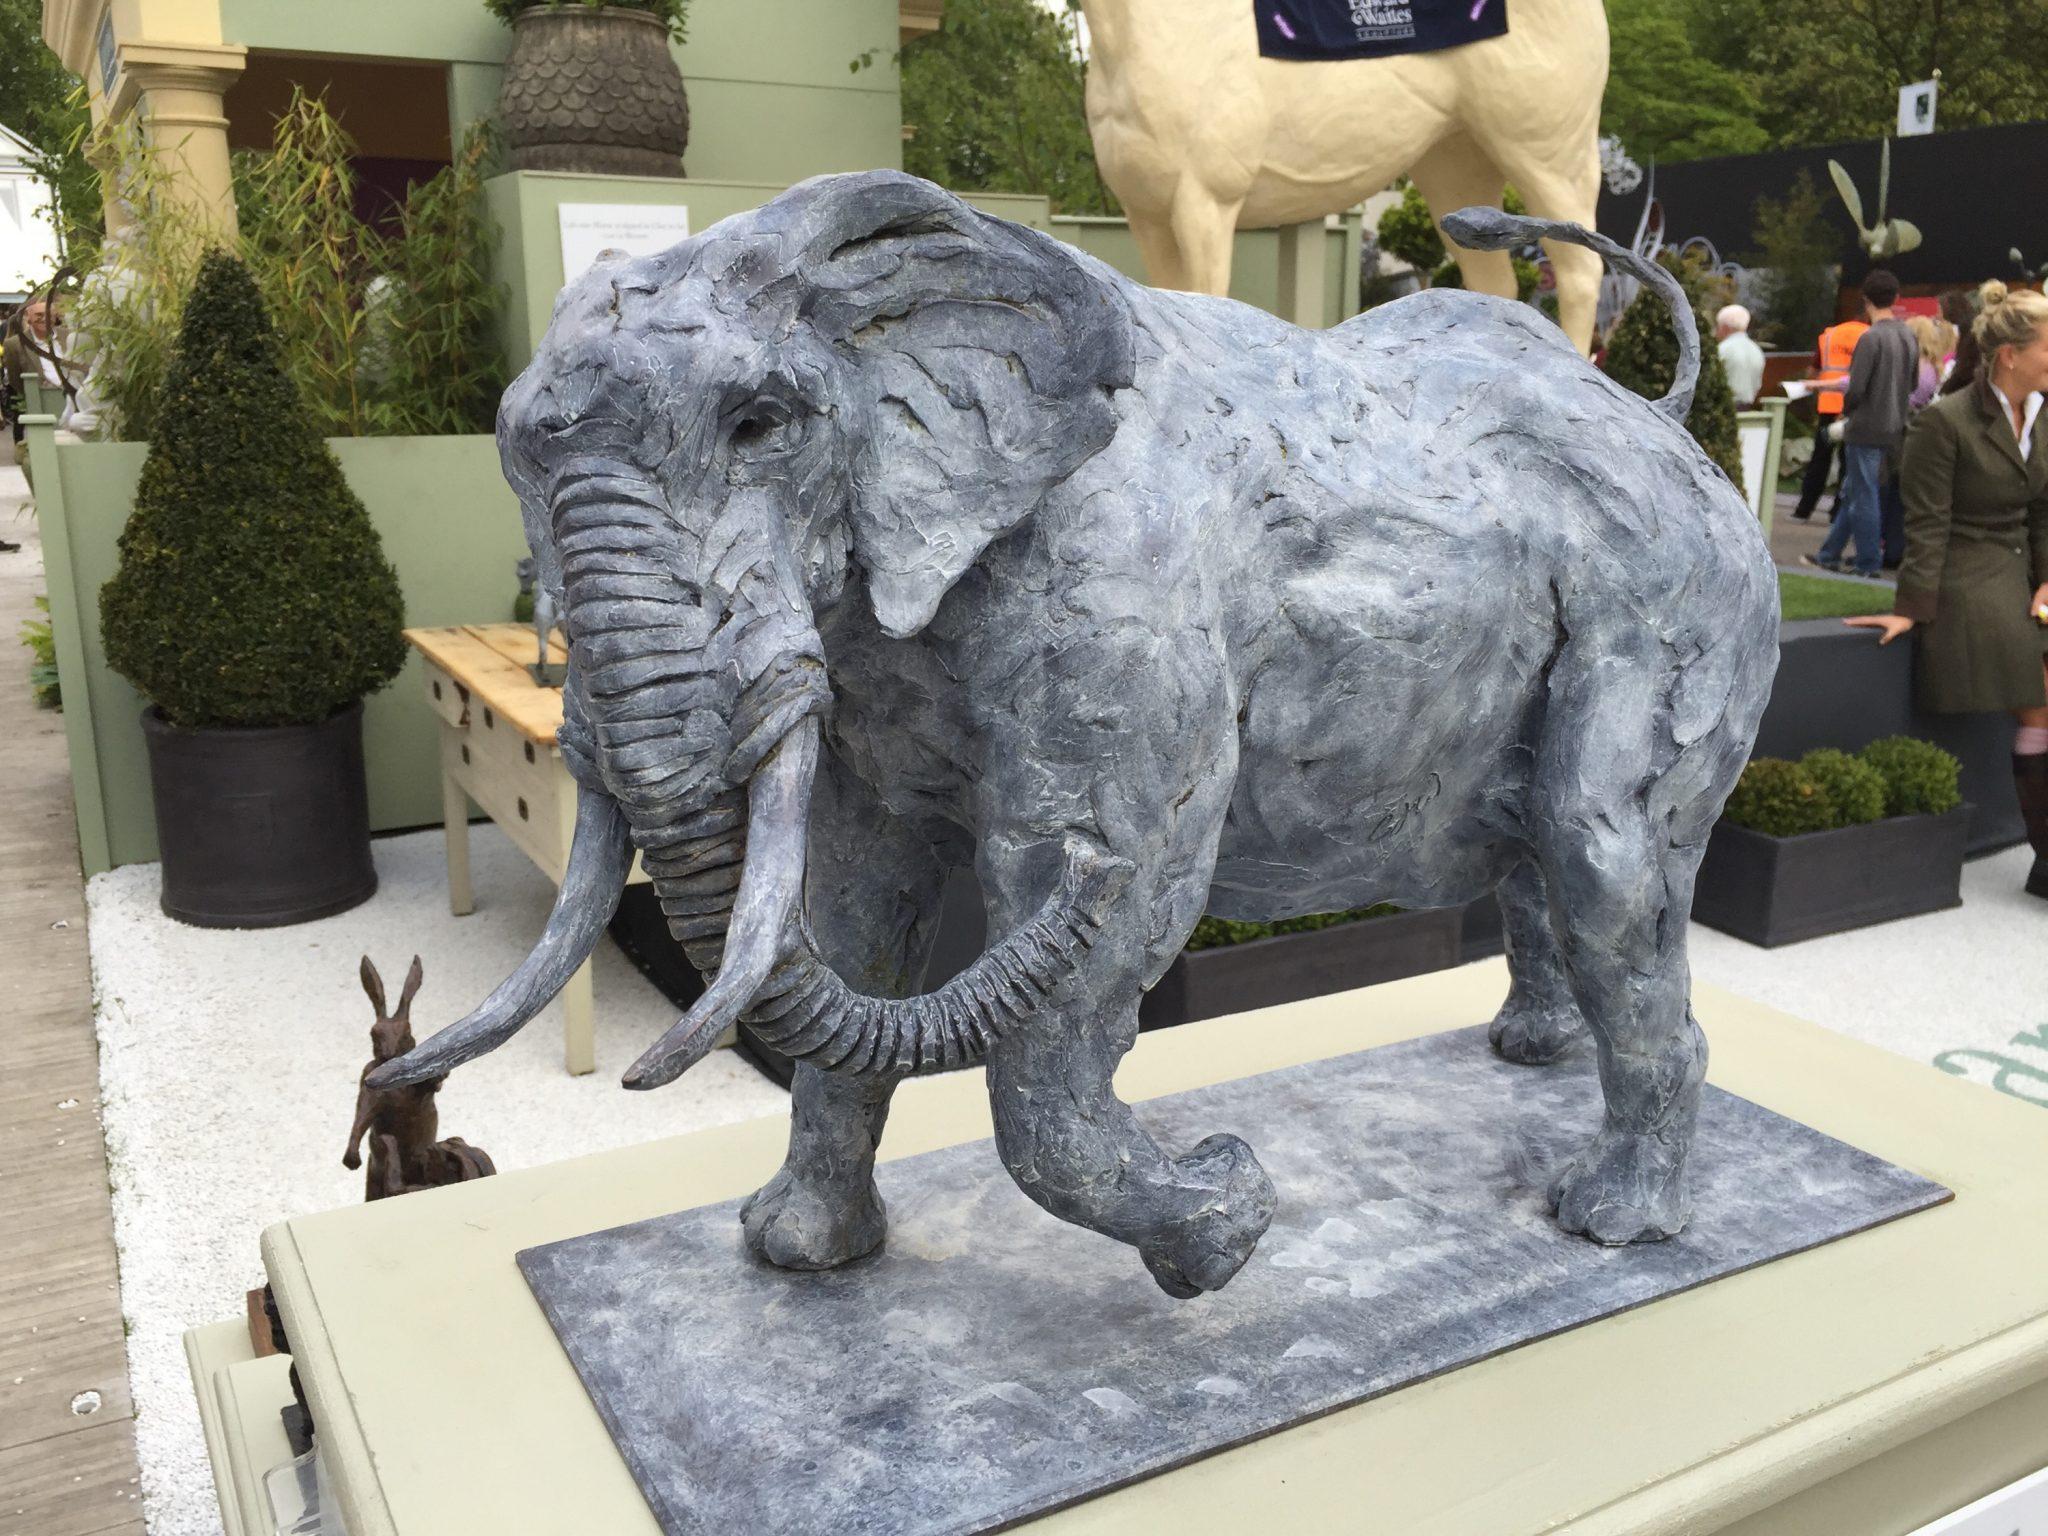 Elephant Sculpture Chelsea Flower show